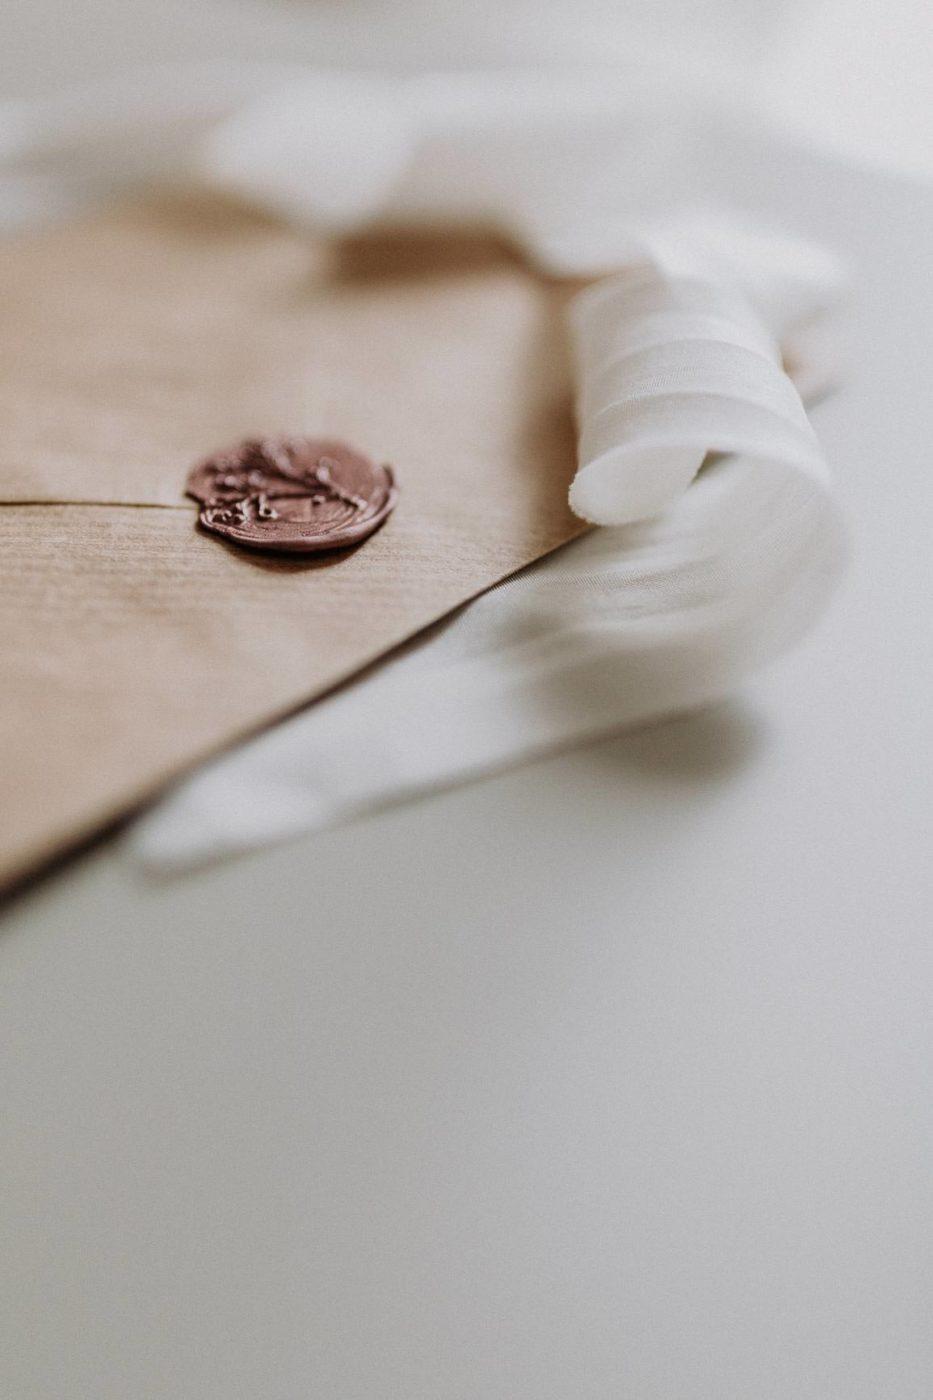 Detailaufnahme eines Gutscheins mit Siegel